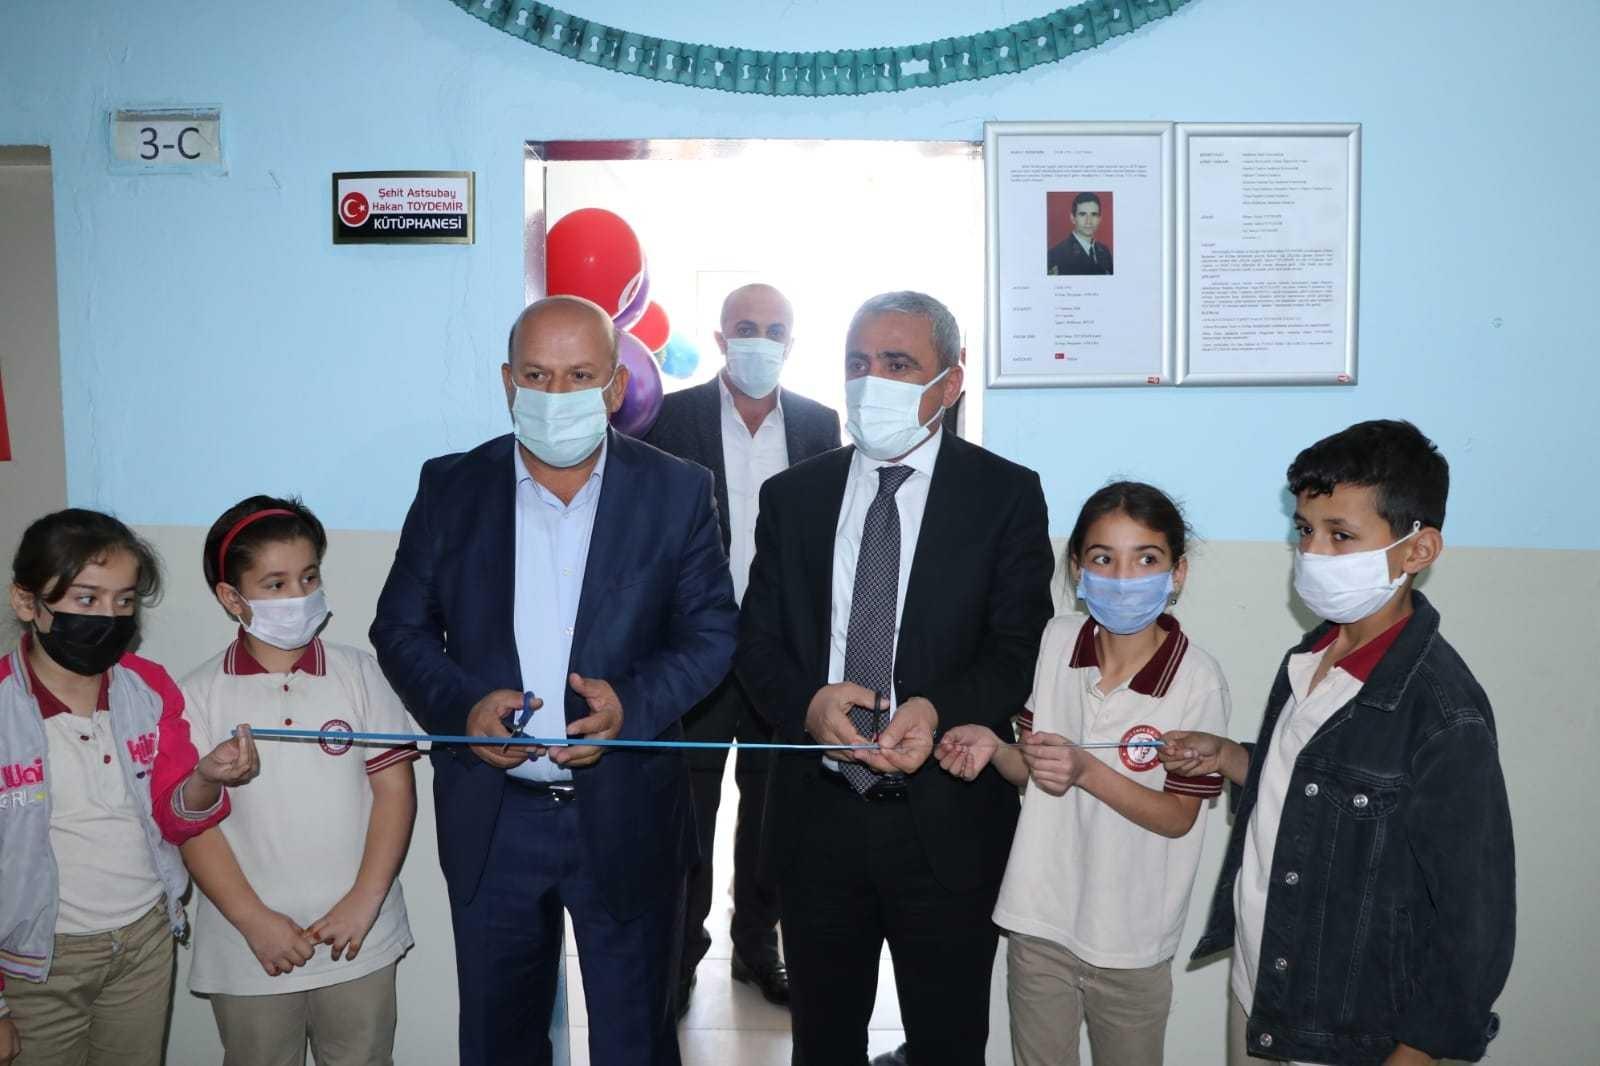 Şehit Hakan Toydemir'in ismi kütüphaneye verildi #hakkari